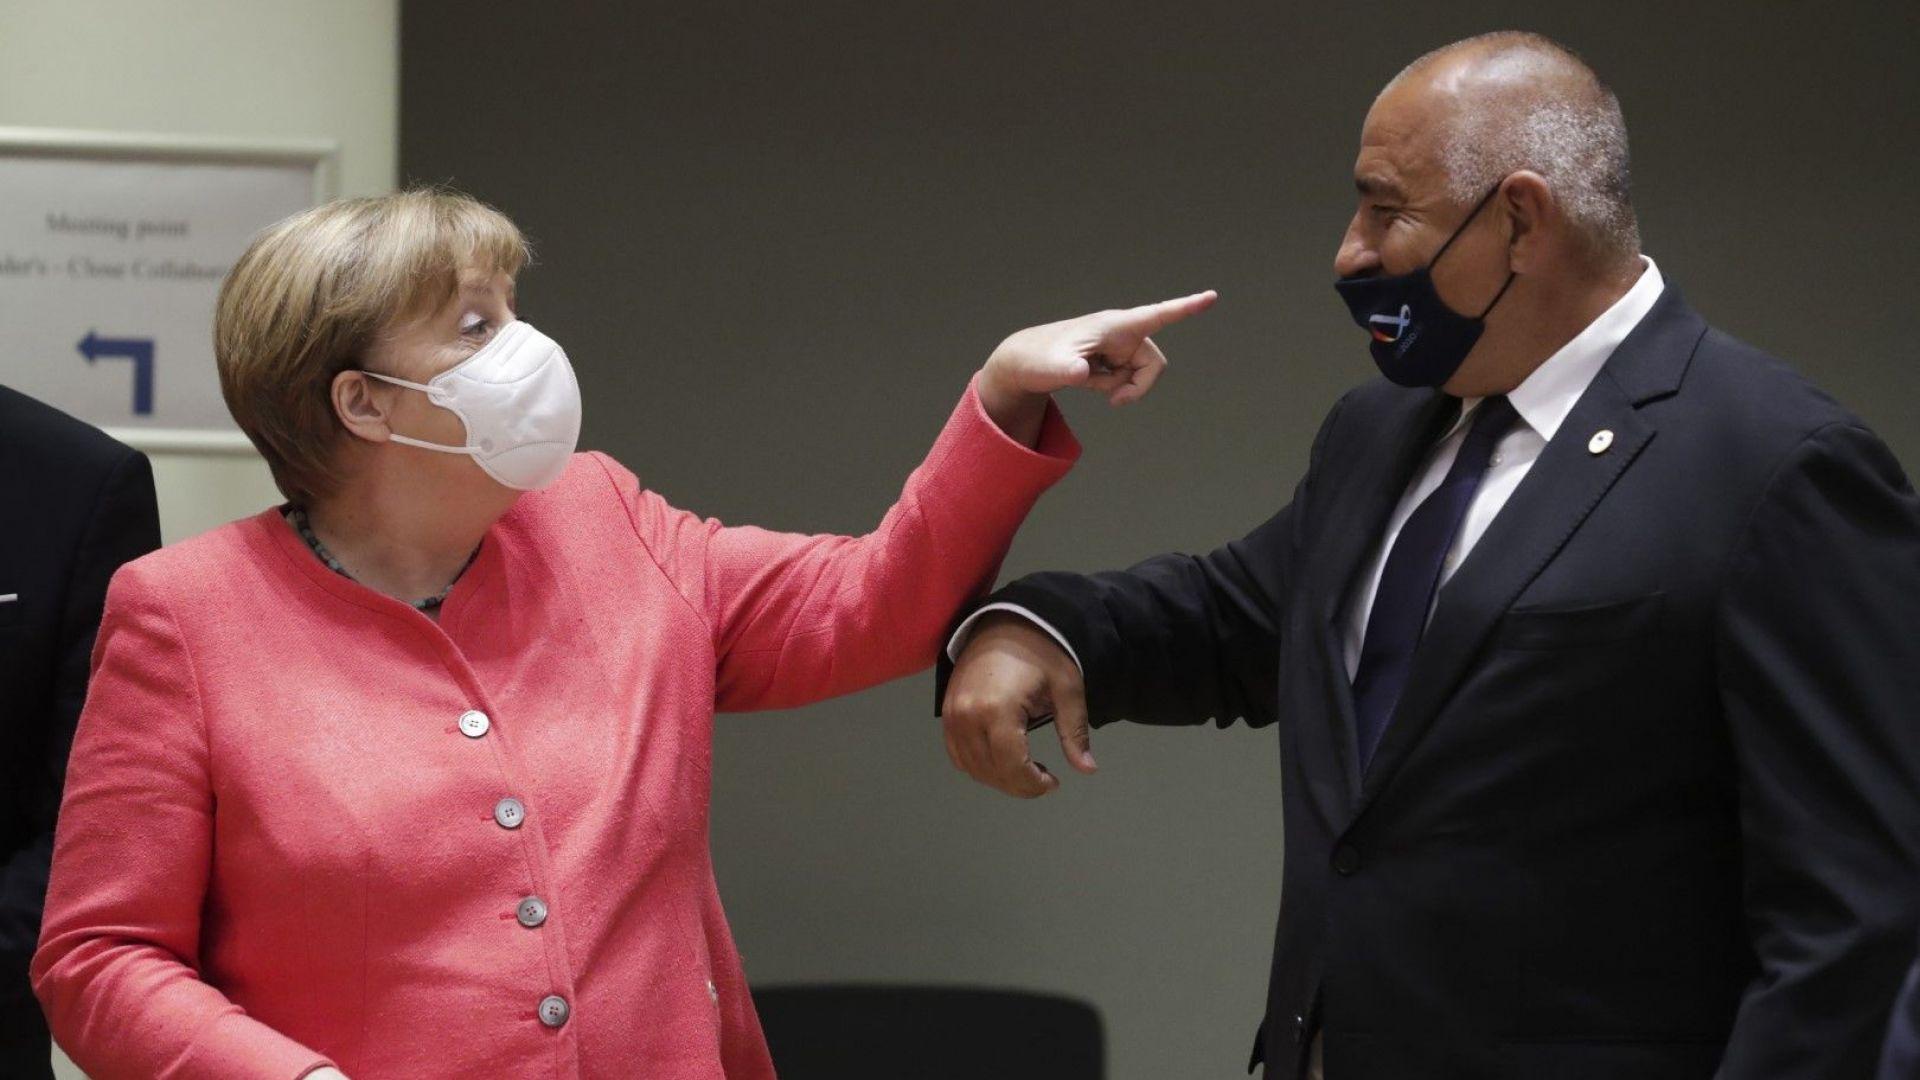 Борисов подари бъклица с розово масло на Меркел, хванаха го да носи маска неправилно (снимки)